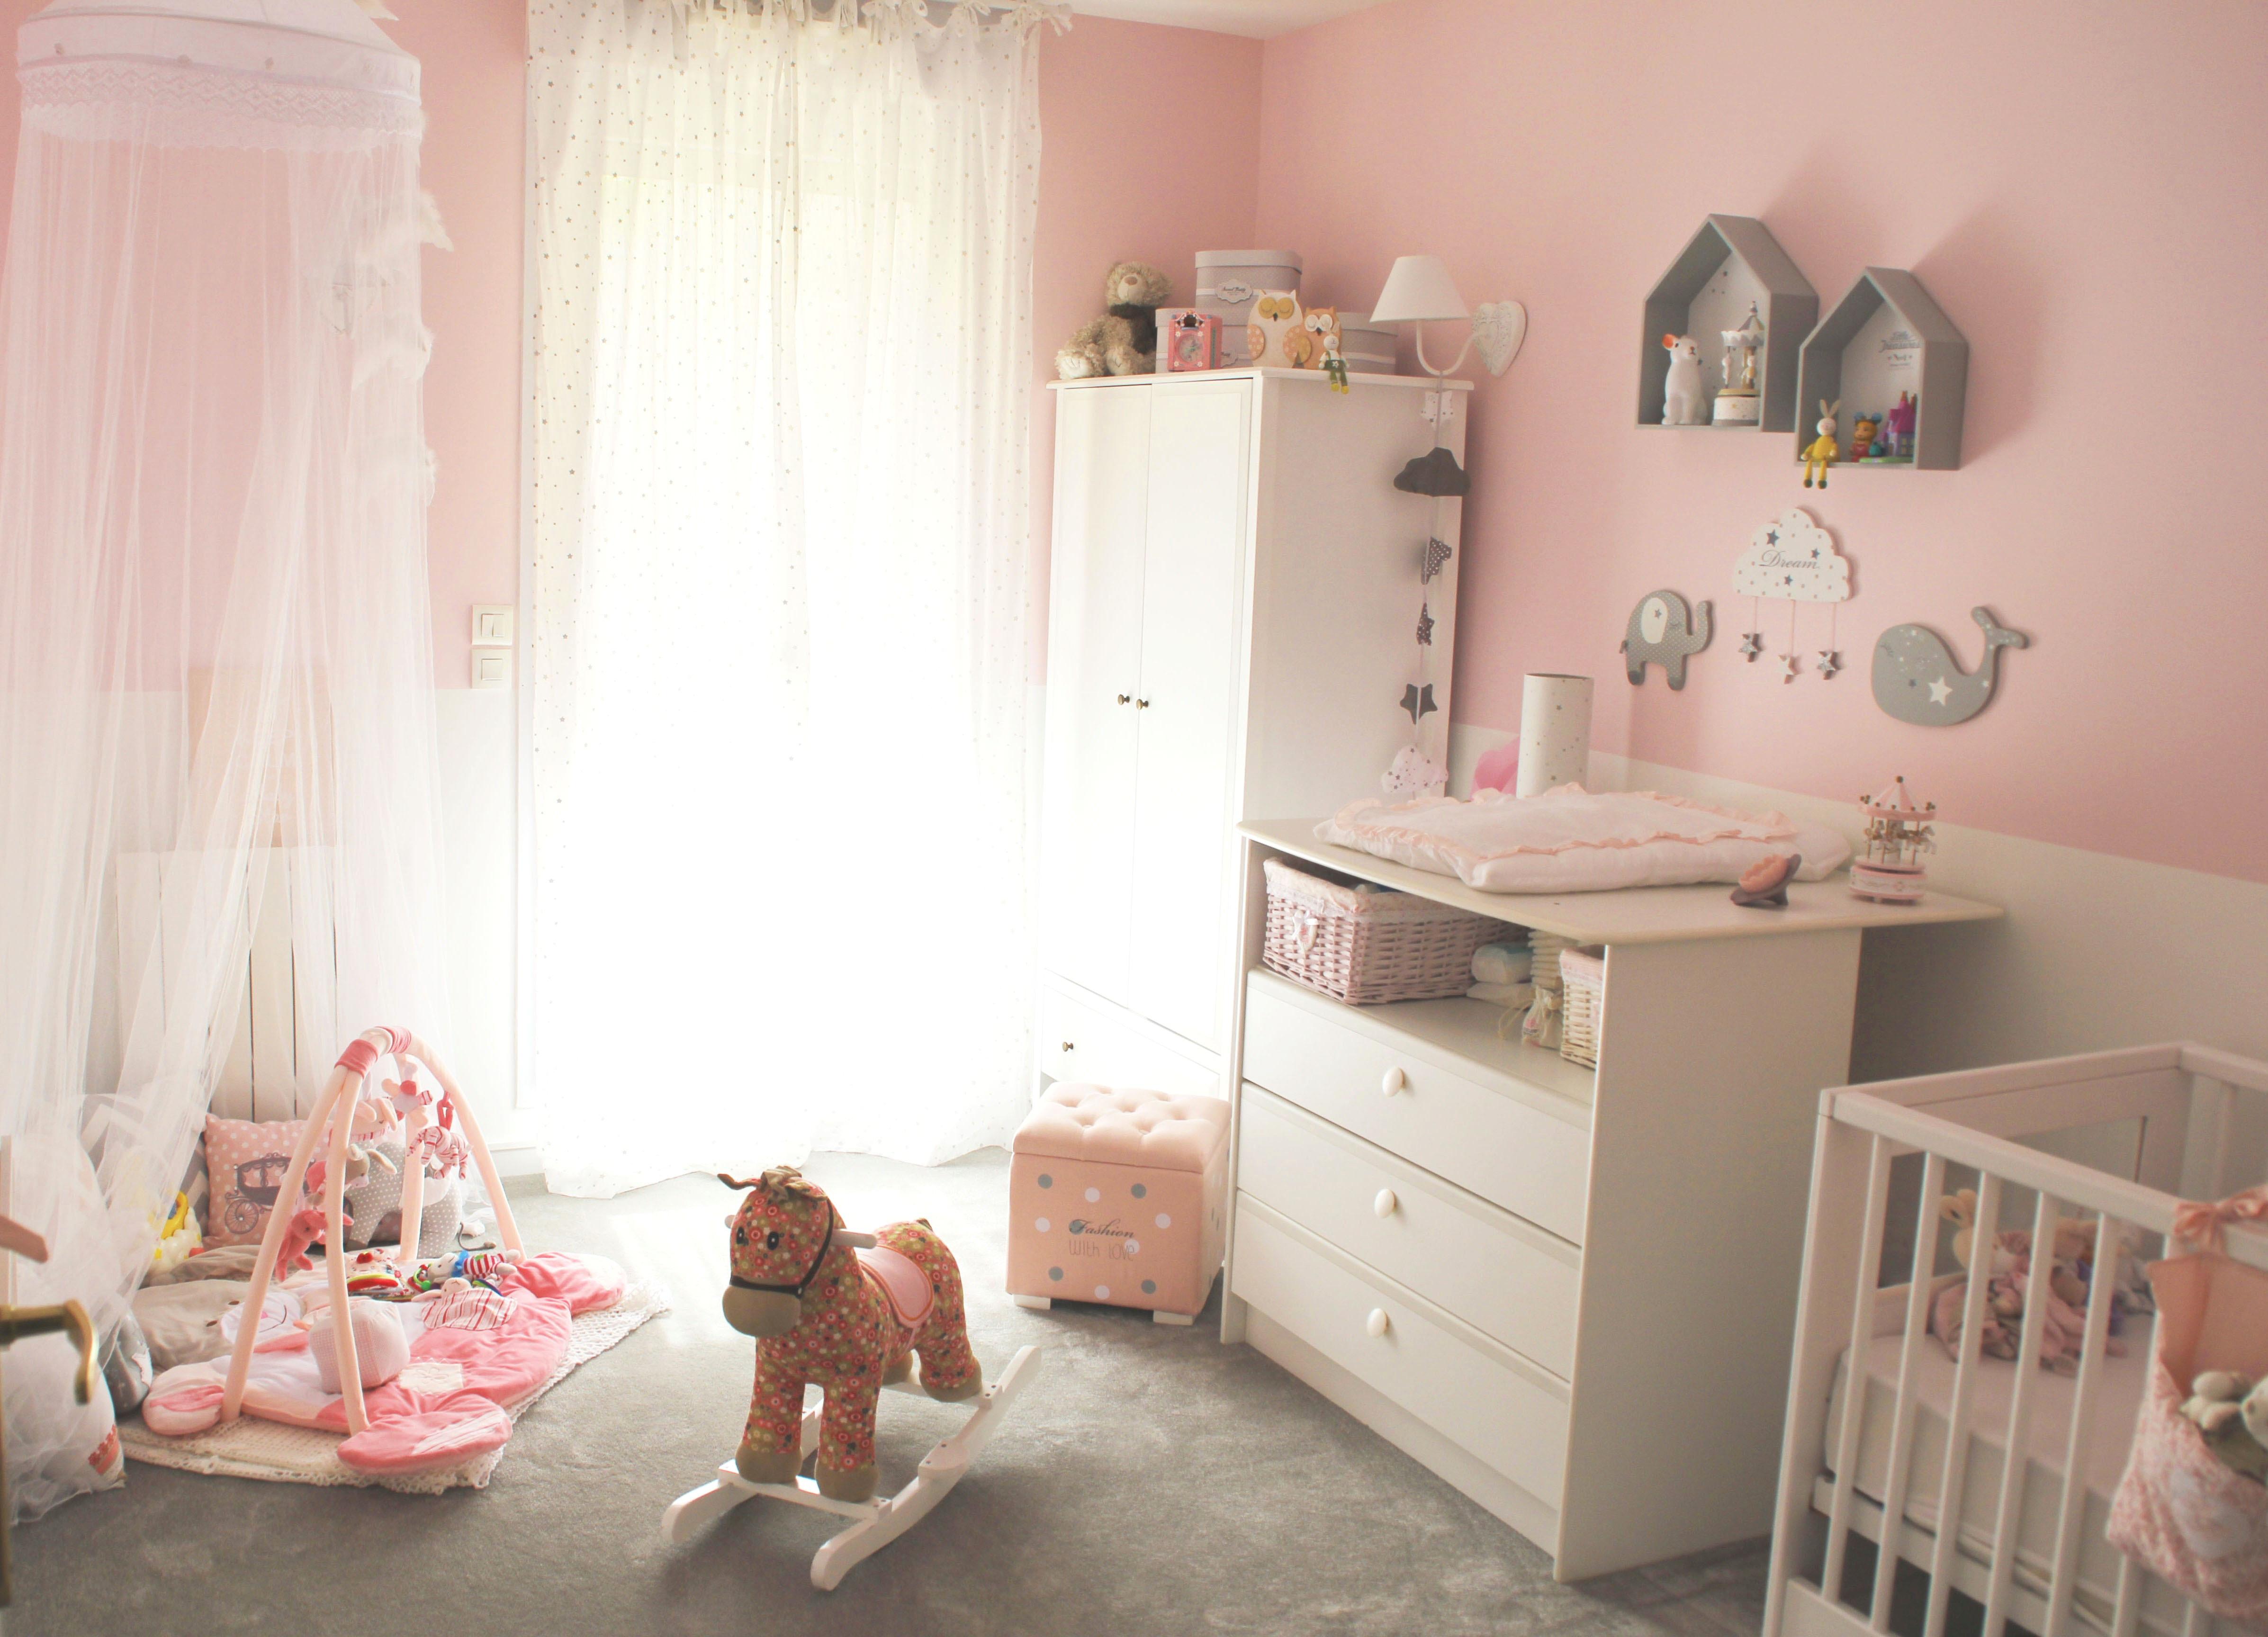 Deco chambre bebe rose poudré - Idées de tricot gratuit